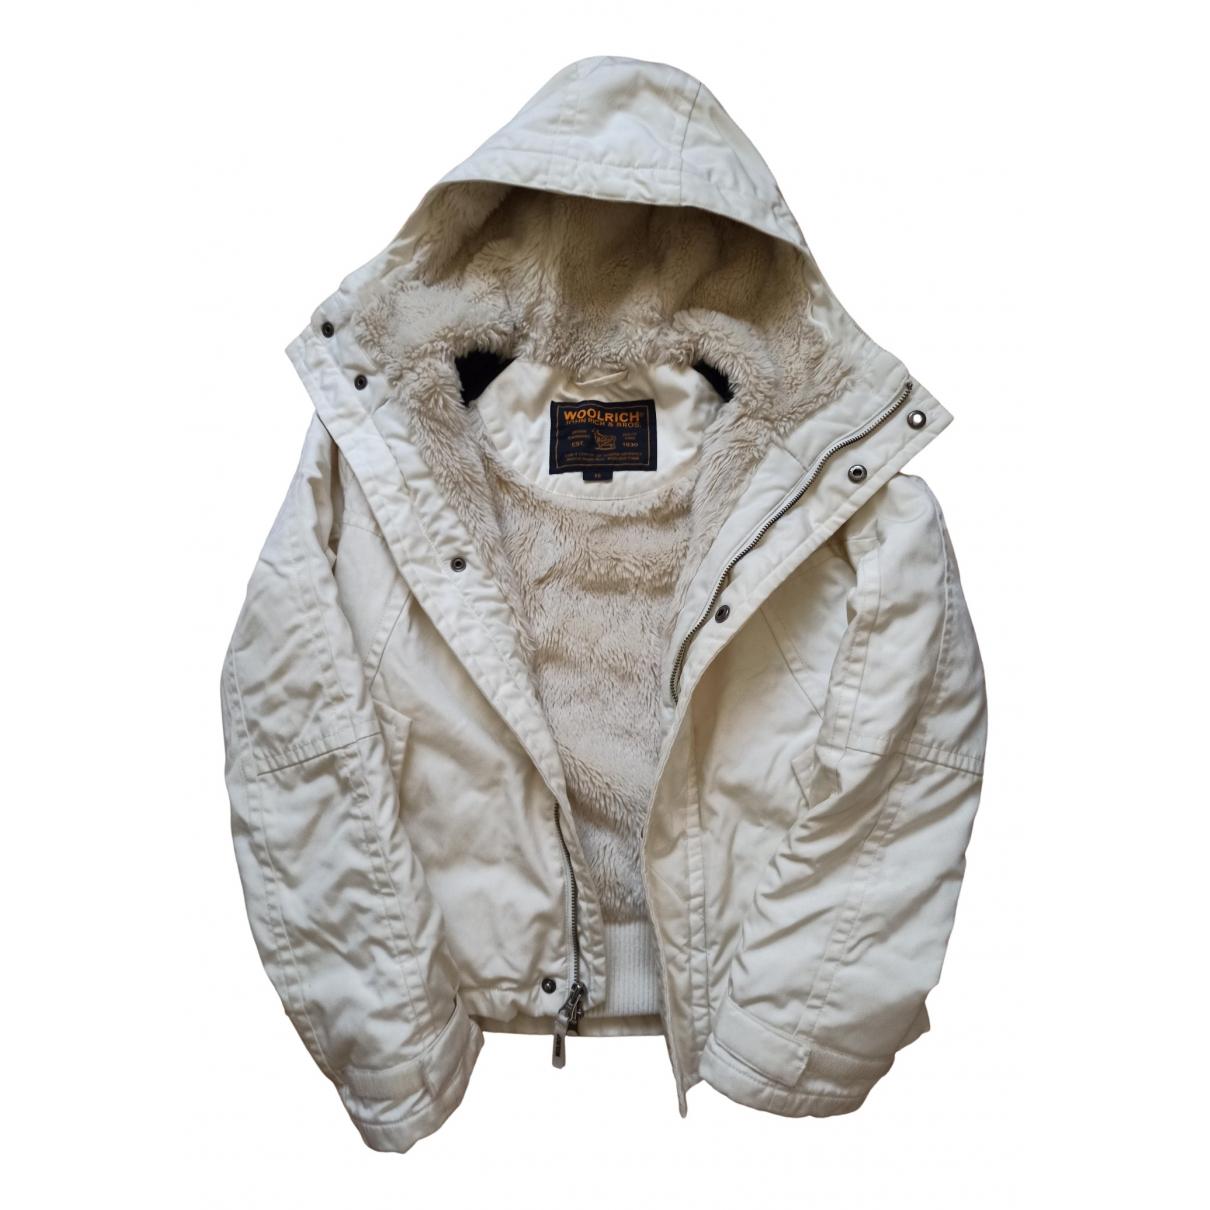 Woolrich N White Wool coat for Women XS International